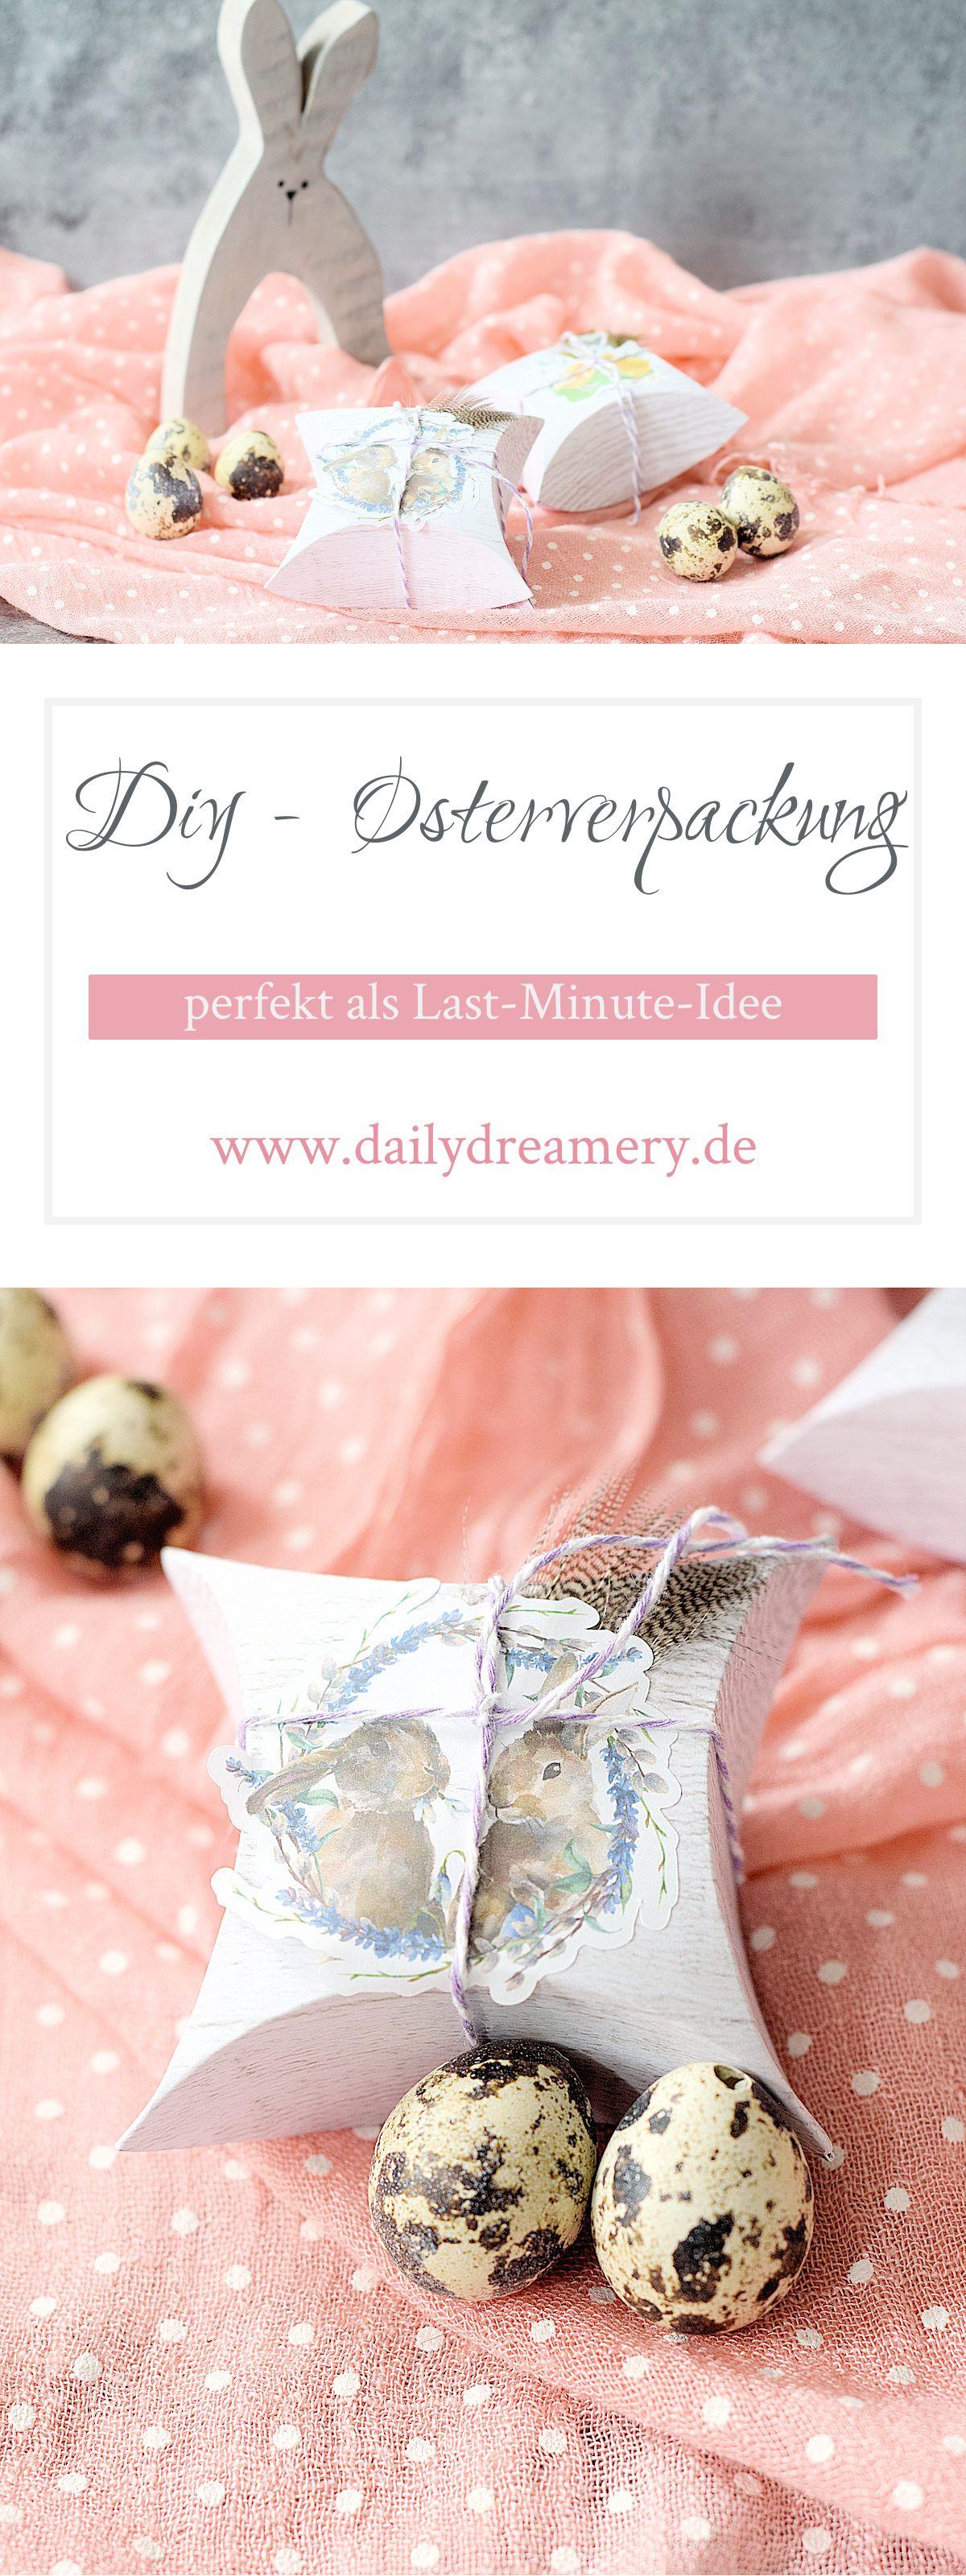 kleine Geschenkverpackung für die Osterzeit ganz einfach selber basteln und mit niedlichen Stickern verzieren #diy #ostern #easter